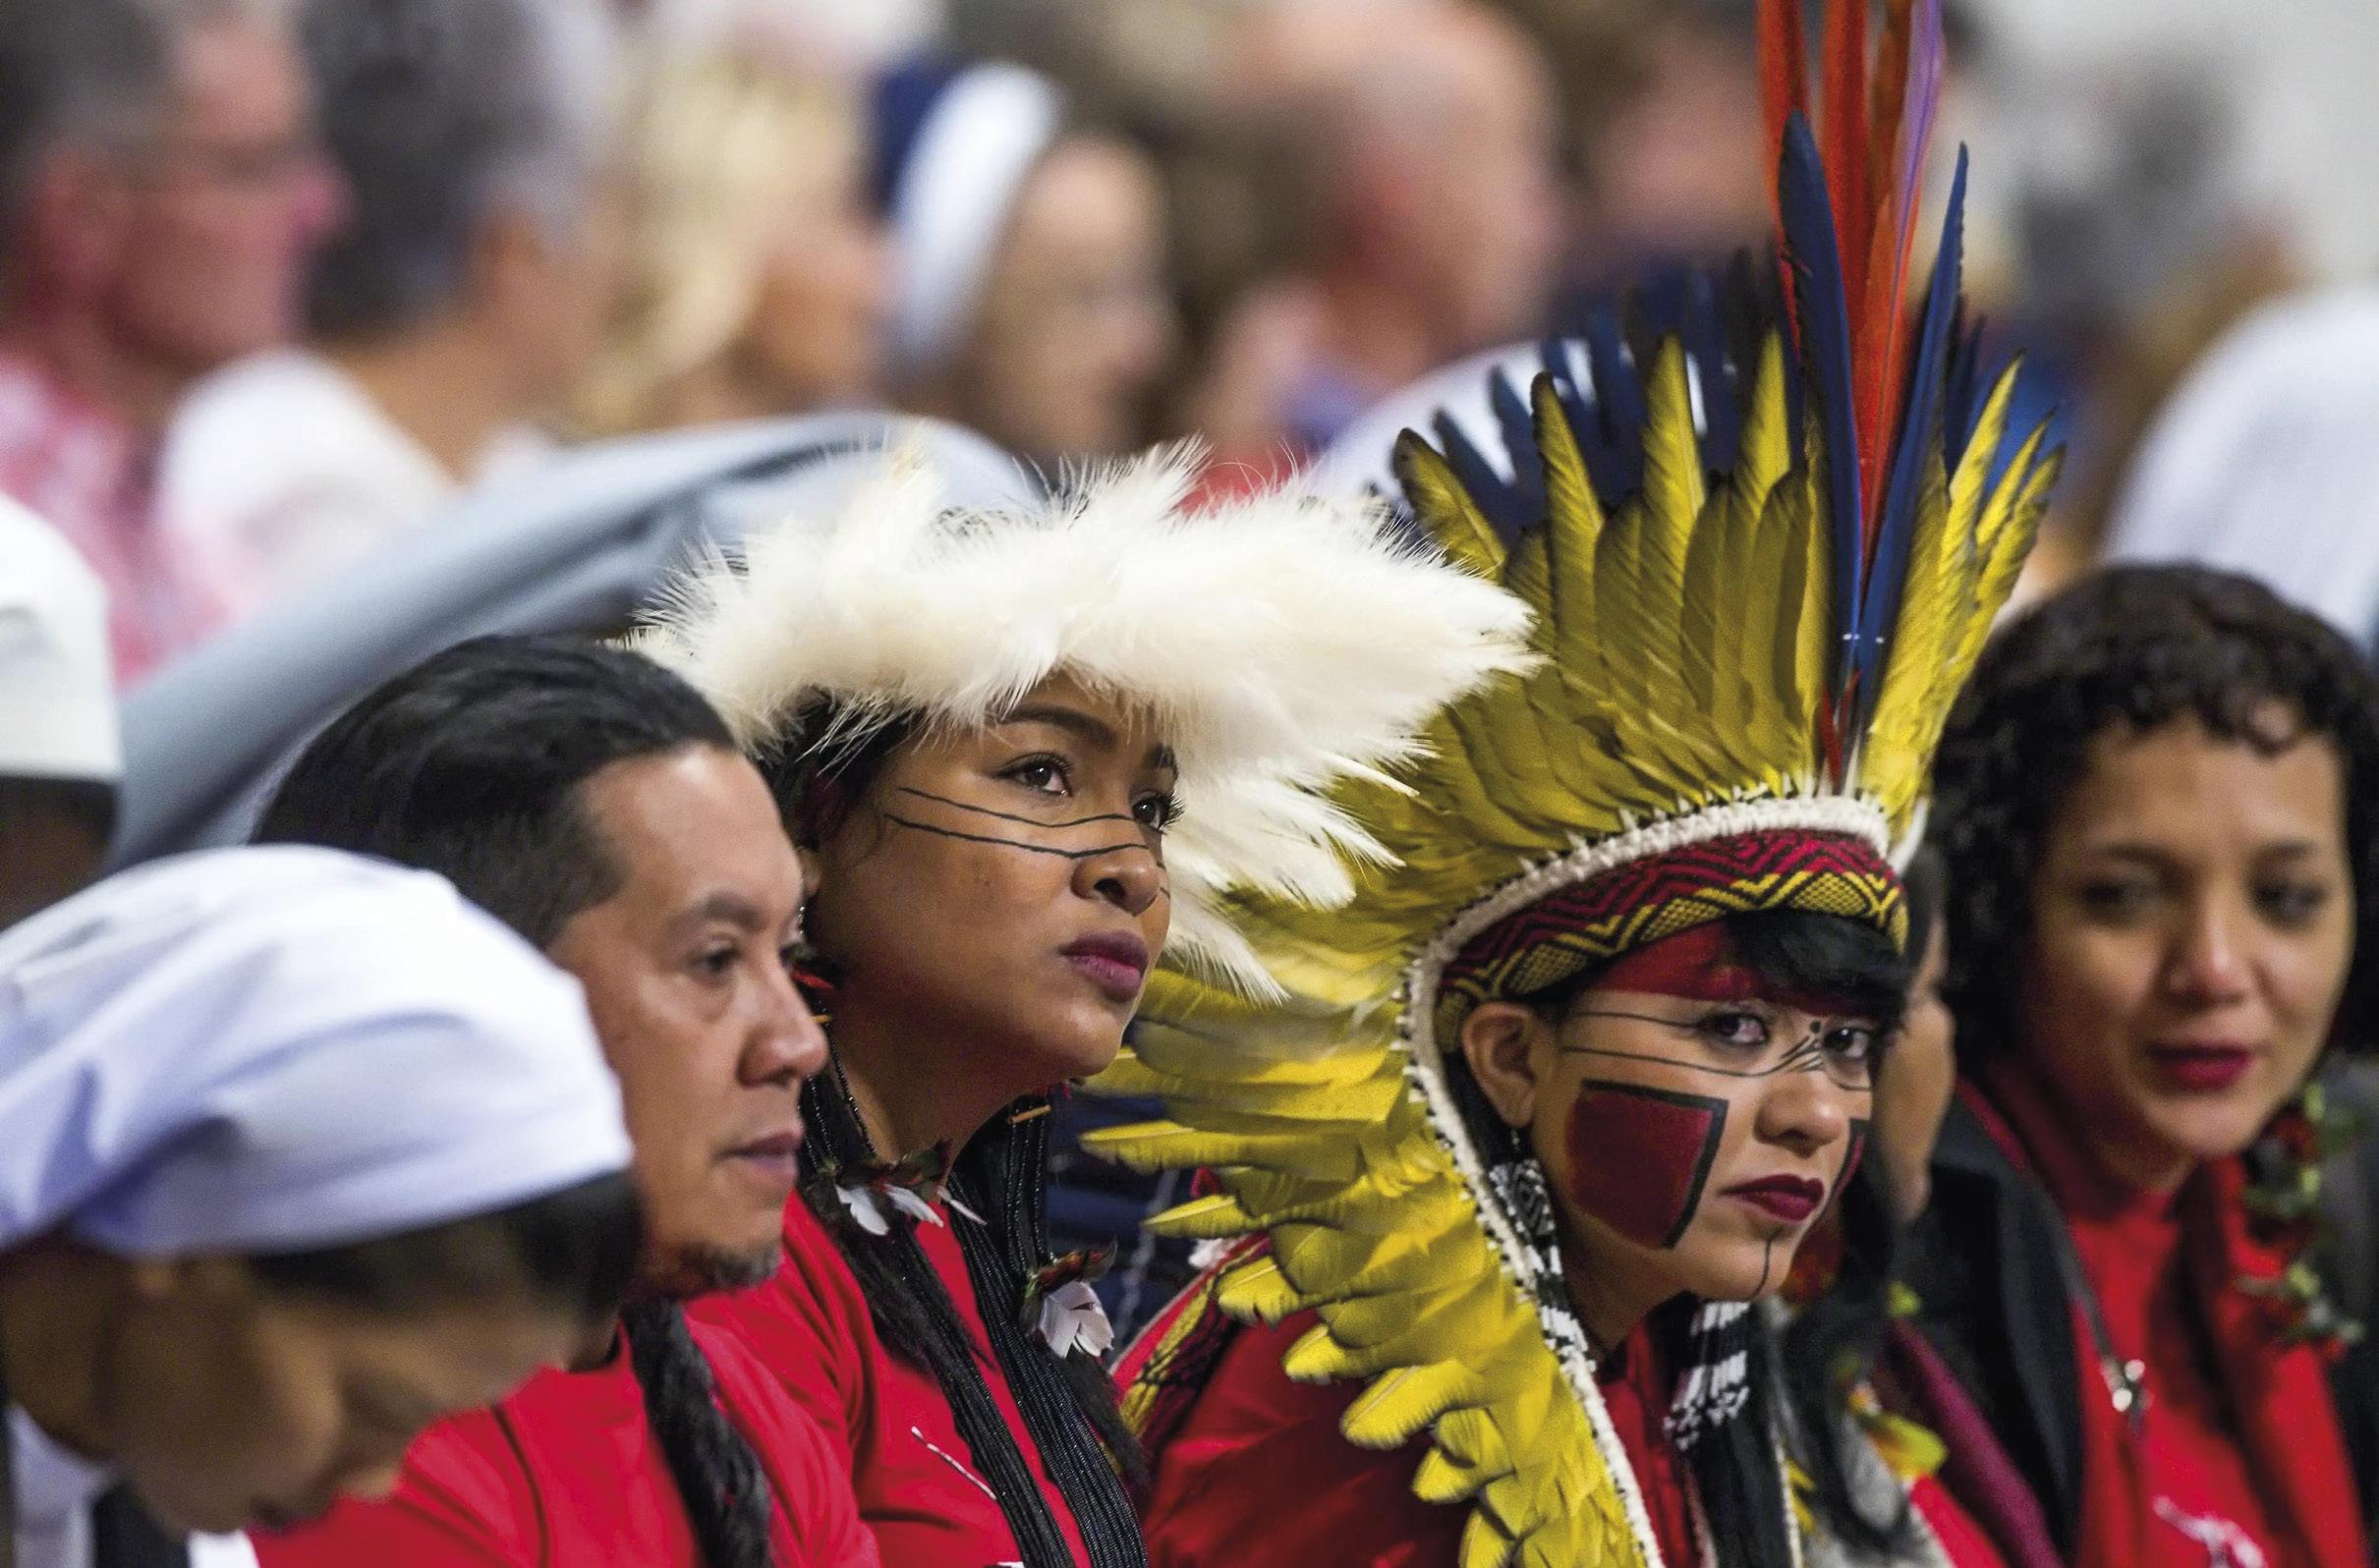 Participantes do Sínodo da Amazónia, na Missa celebrada pelo Papa Francisco, no Dia Mundial Missionário, Basílica de São Pedro, Cidade do Vaticano, 20 de outubro de 2019. EPA / ANGELO CARCONI